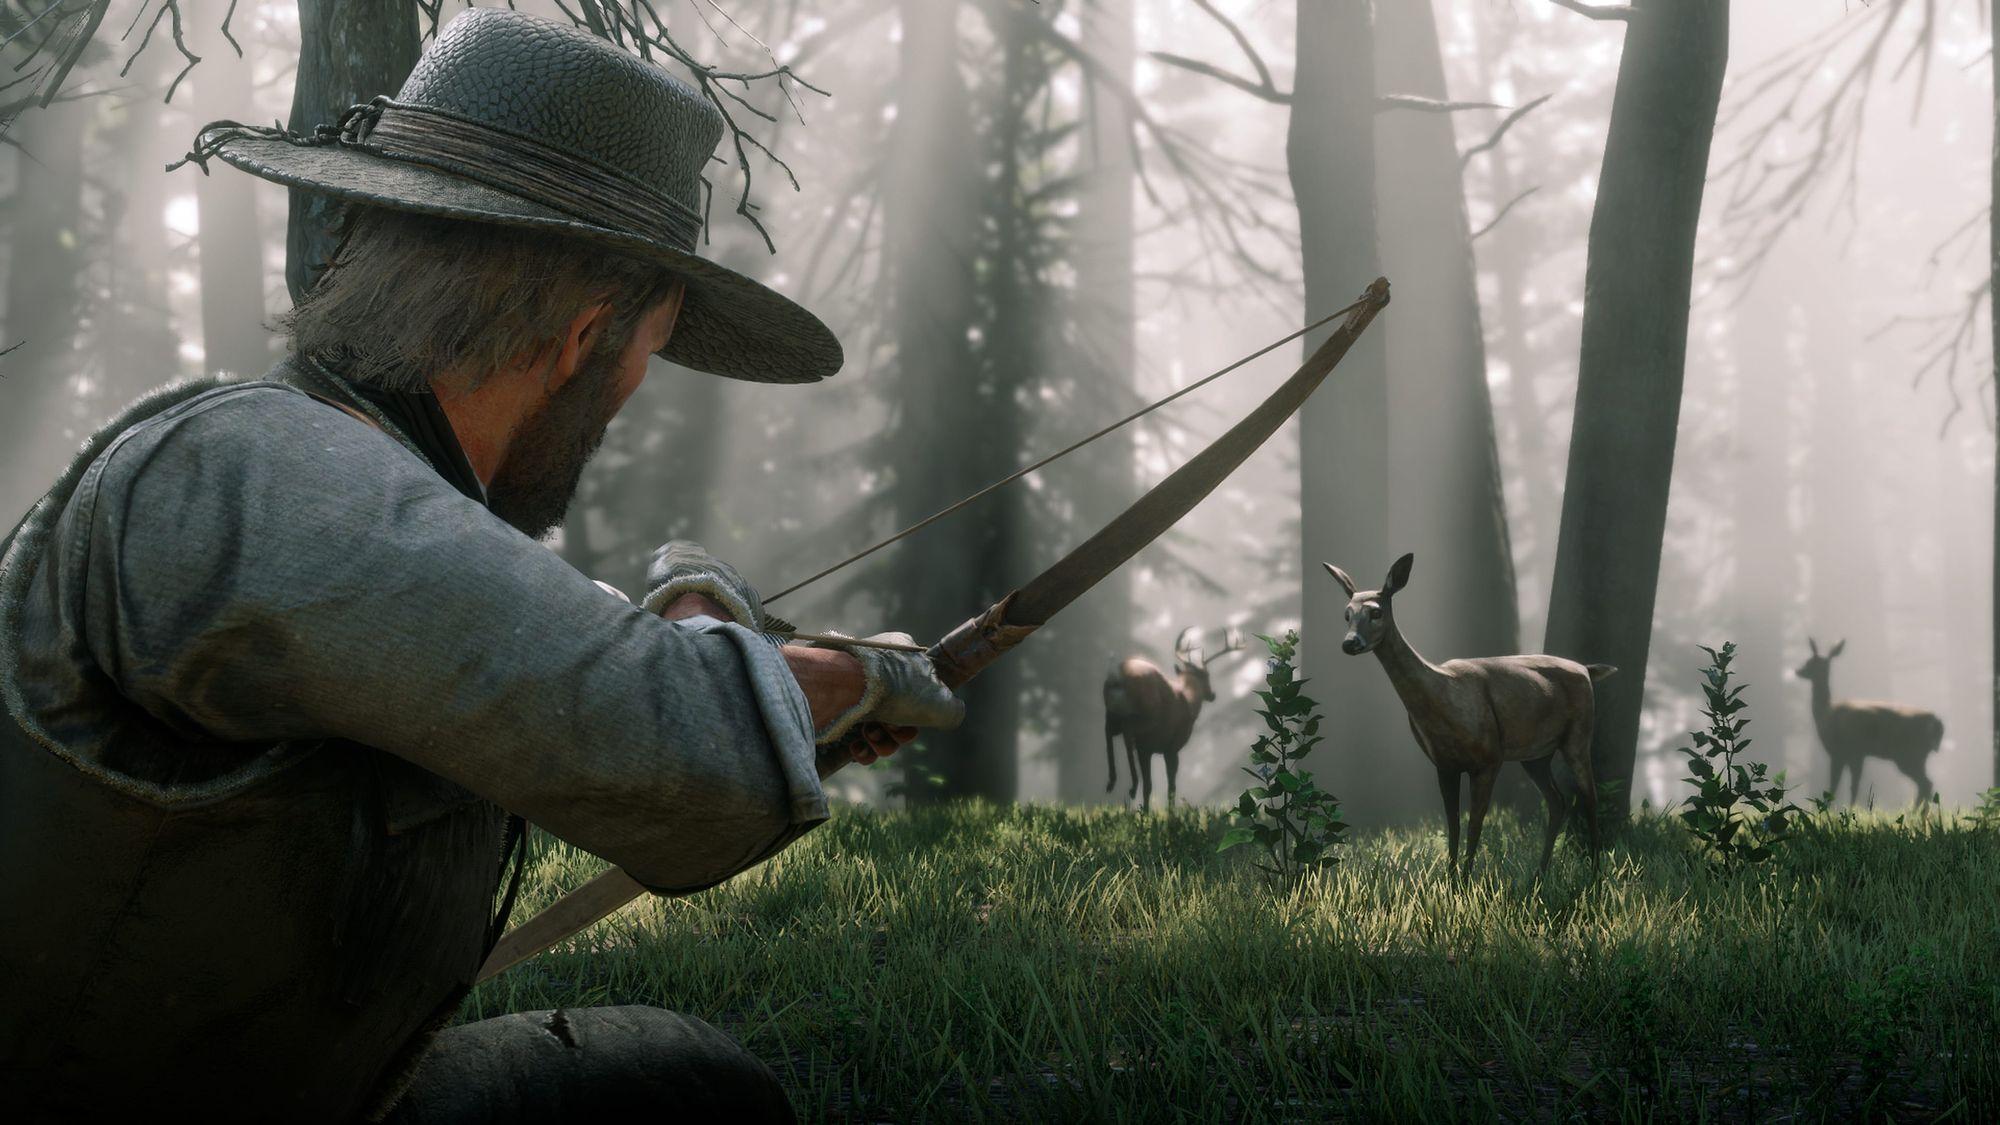 Red Dead Redemption 2: All Legendary Animal Locations - RockstarINTEL